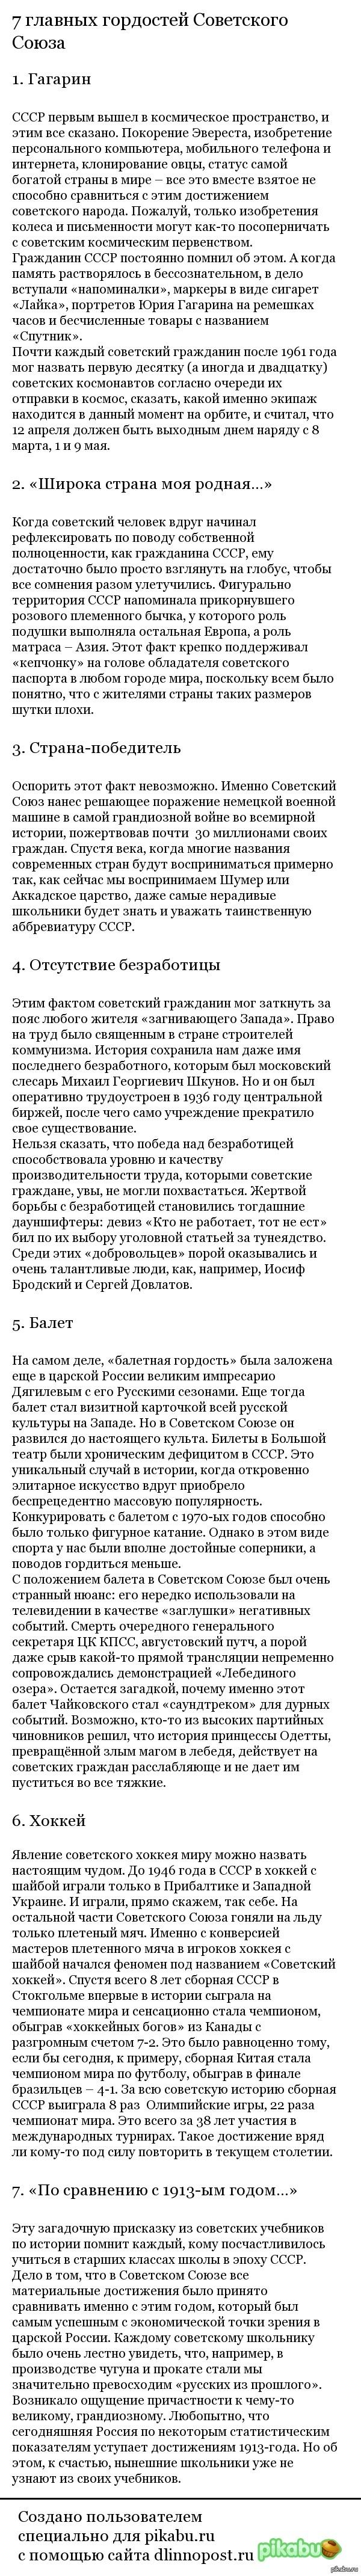 7 главных гордостей Советского Союза